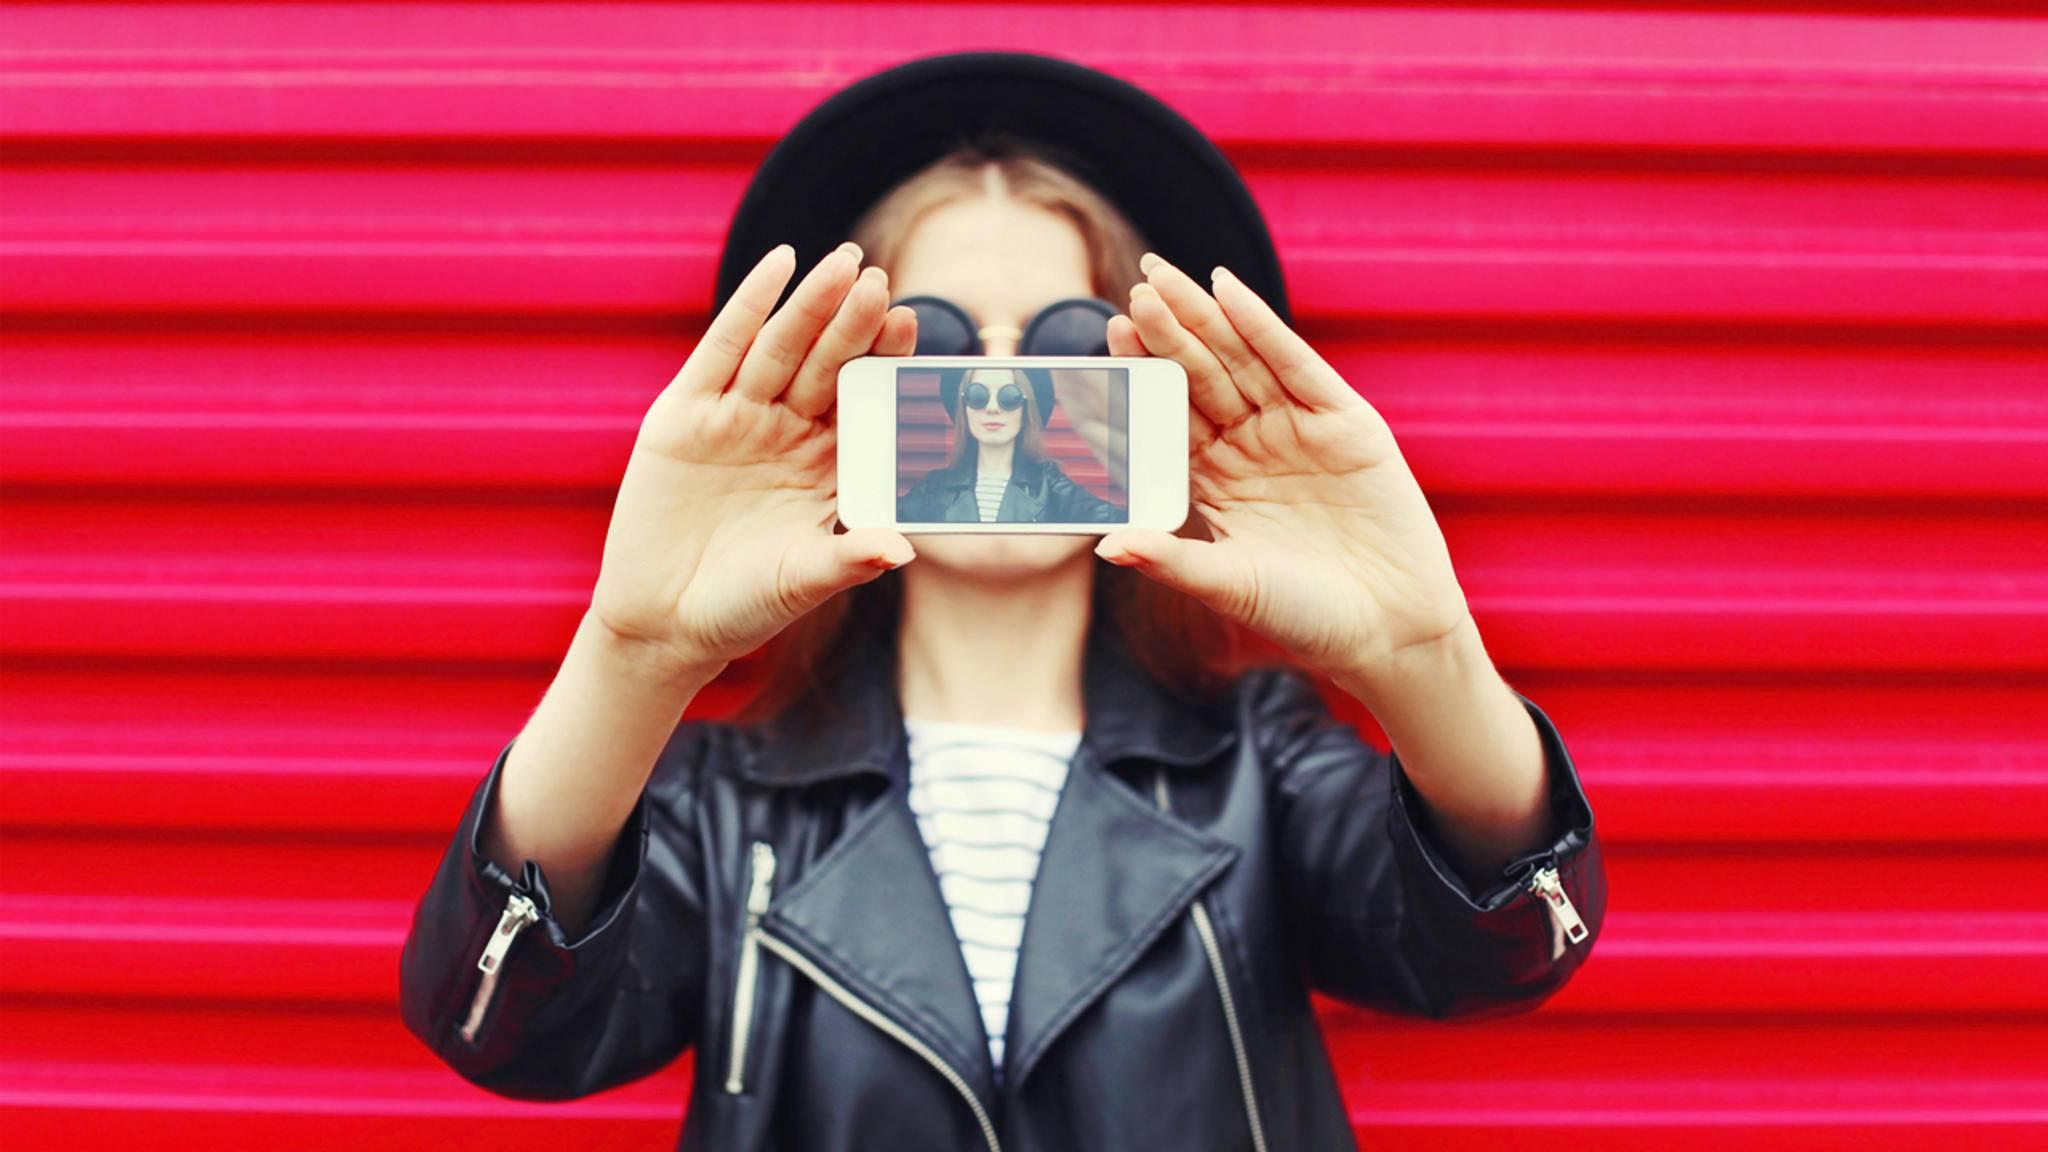 Wir verraten Dir, wie Du Dein Instagram-Profil aufpimpen kannst.